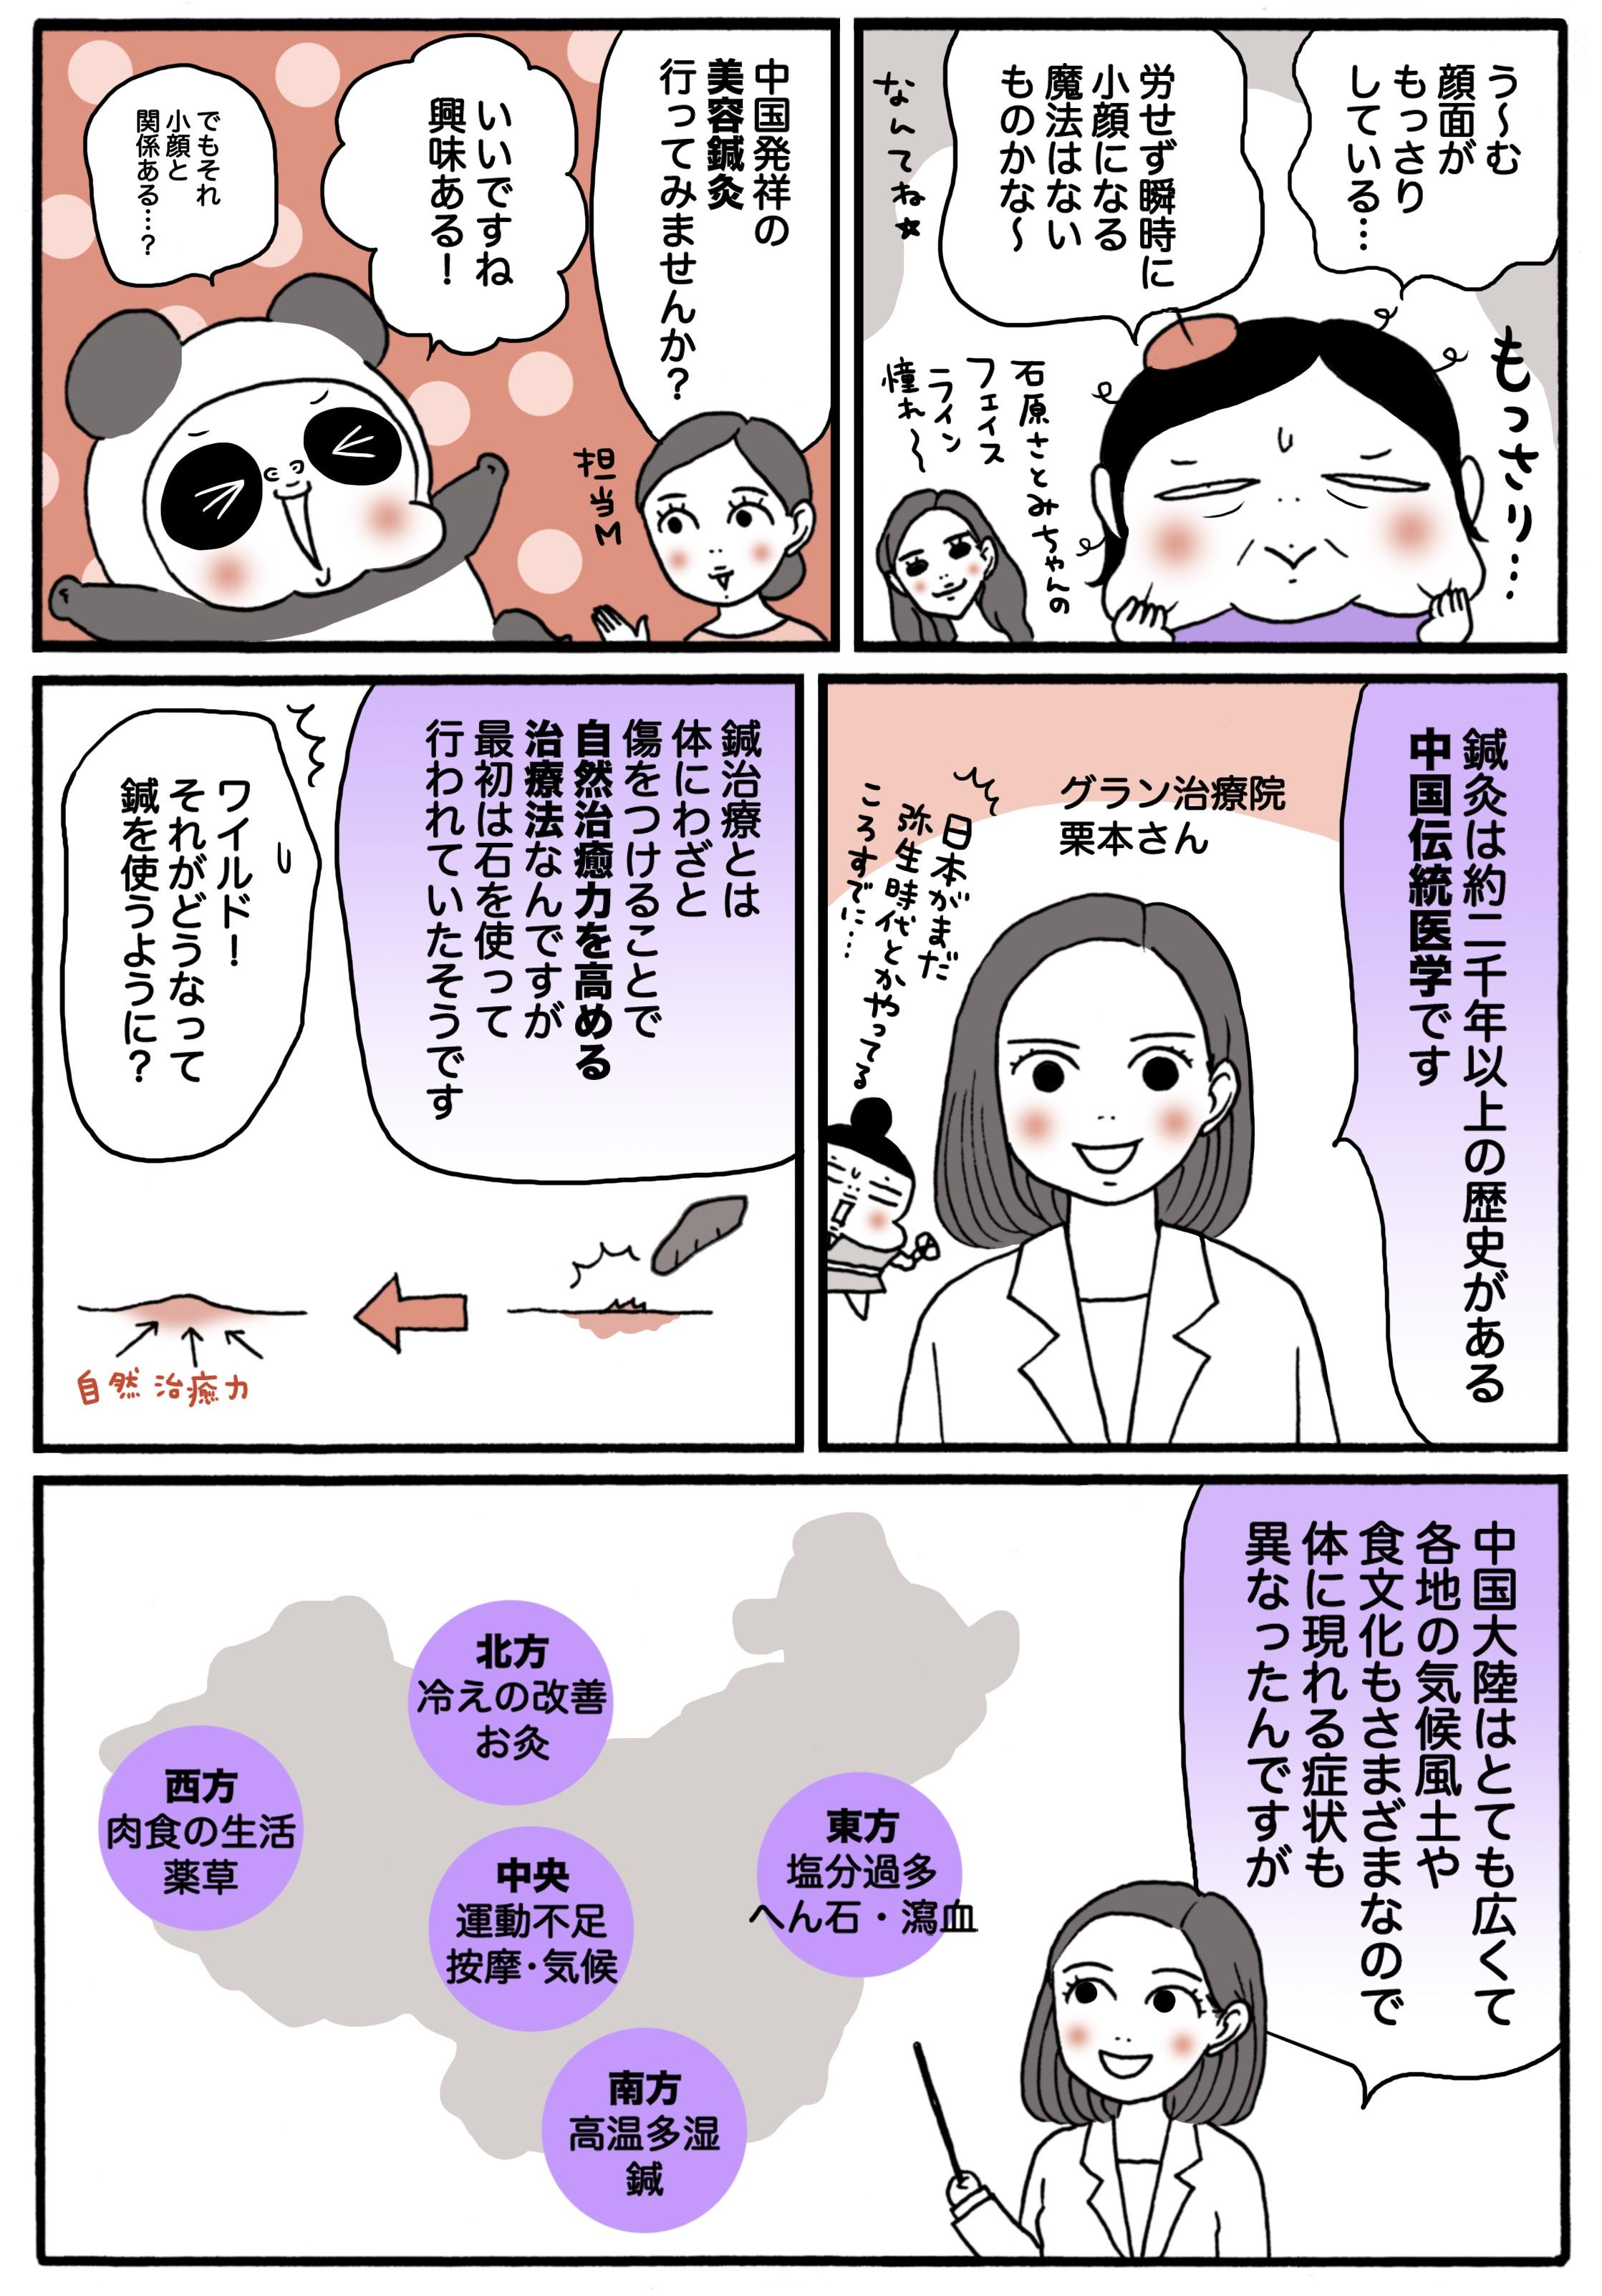 う~む顔面がもっさりしている…労せず瞬時に小顔になる魔法はないものかな~中国発祥の美容鍼灸行ってみませんか?いいですね興味ある!でもそれ小顔と関係ある…?鍼灸は約二千年以上の歴史がある中国伝統医学です鍼治療とは体にわざと傷をつけることで自然治癒力を高める治療法なんですが最初は石を使って行われていたそうですワイルド!それがどうなって鍼を使うように?中国大陸はとても広くて各地の気候風土や食文化もさまざまなので体に現れる症状も異なったんですが